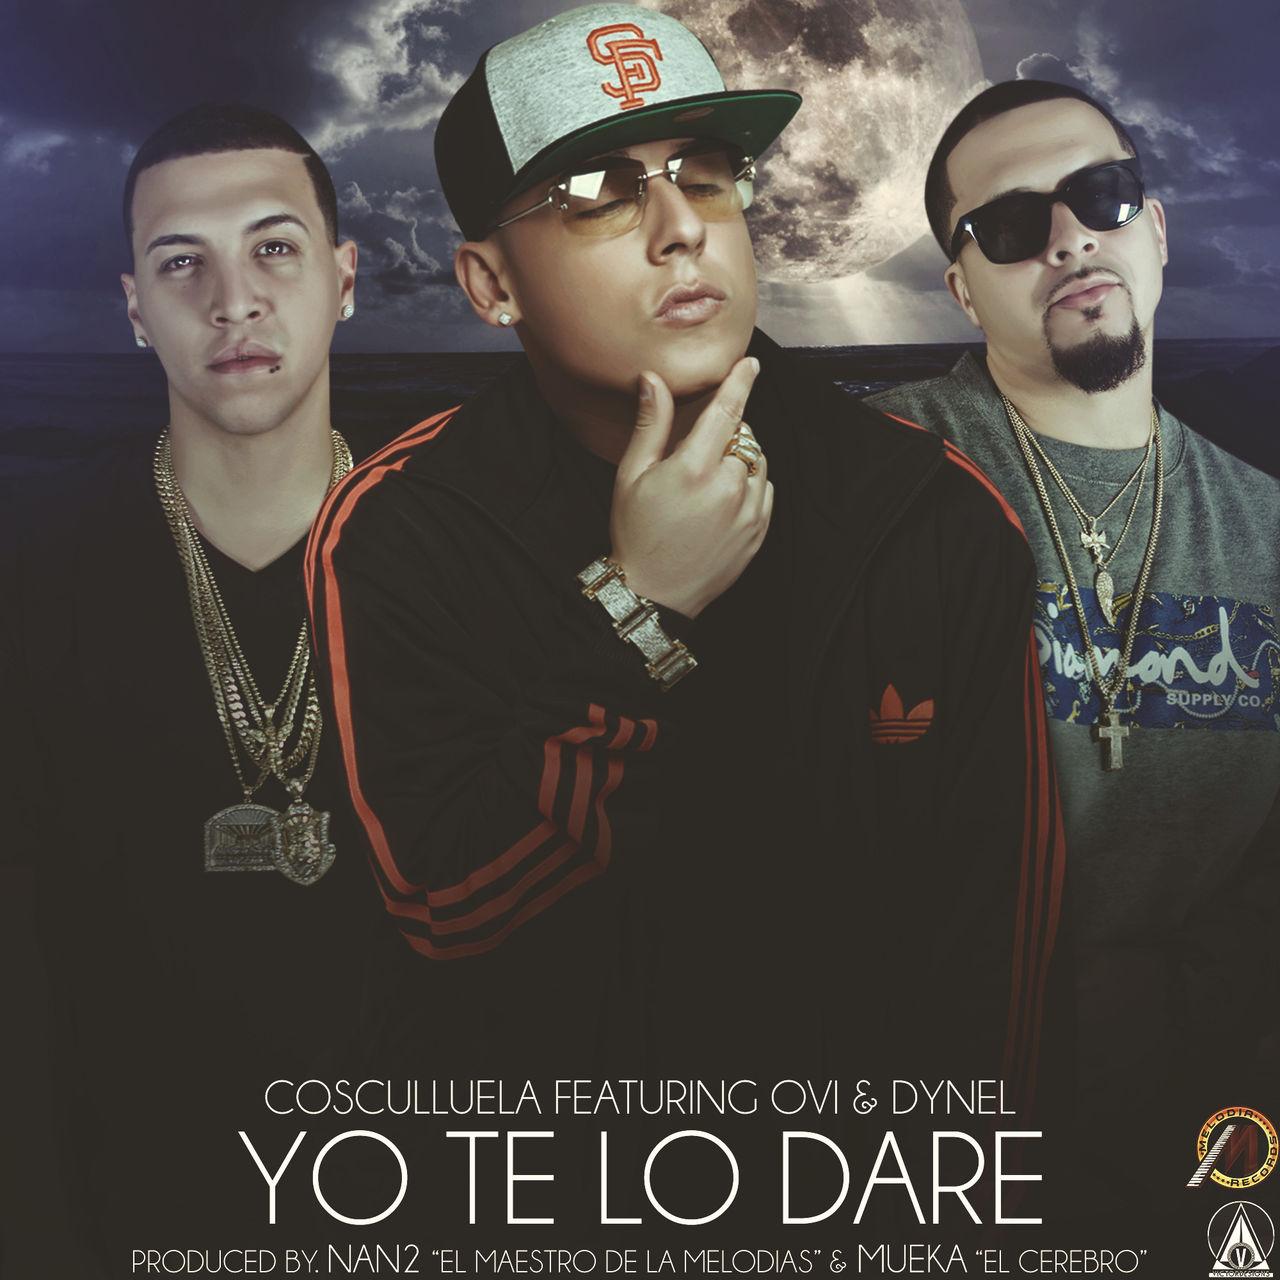 Cosculluela Ft. Dynel y Ovi - Yo Te Lo Dare 2 MP3